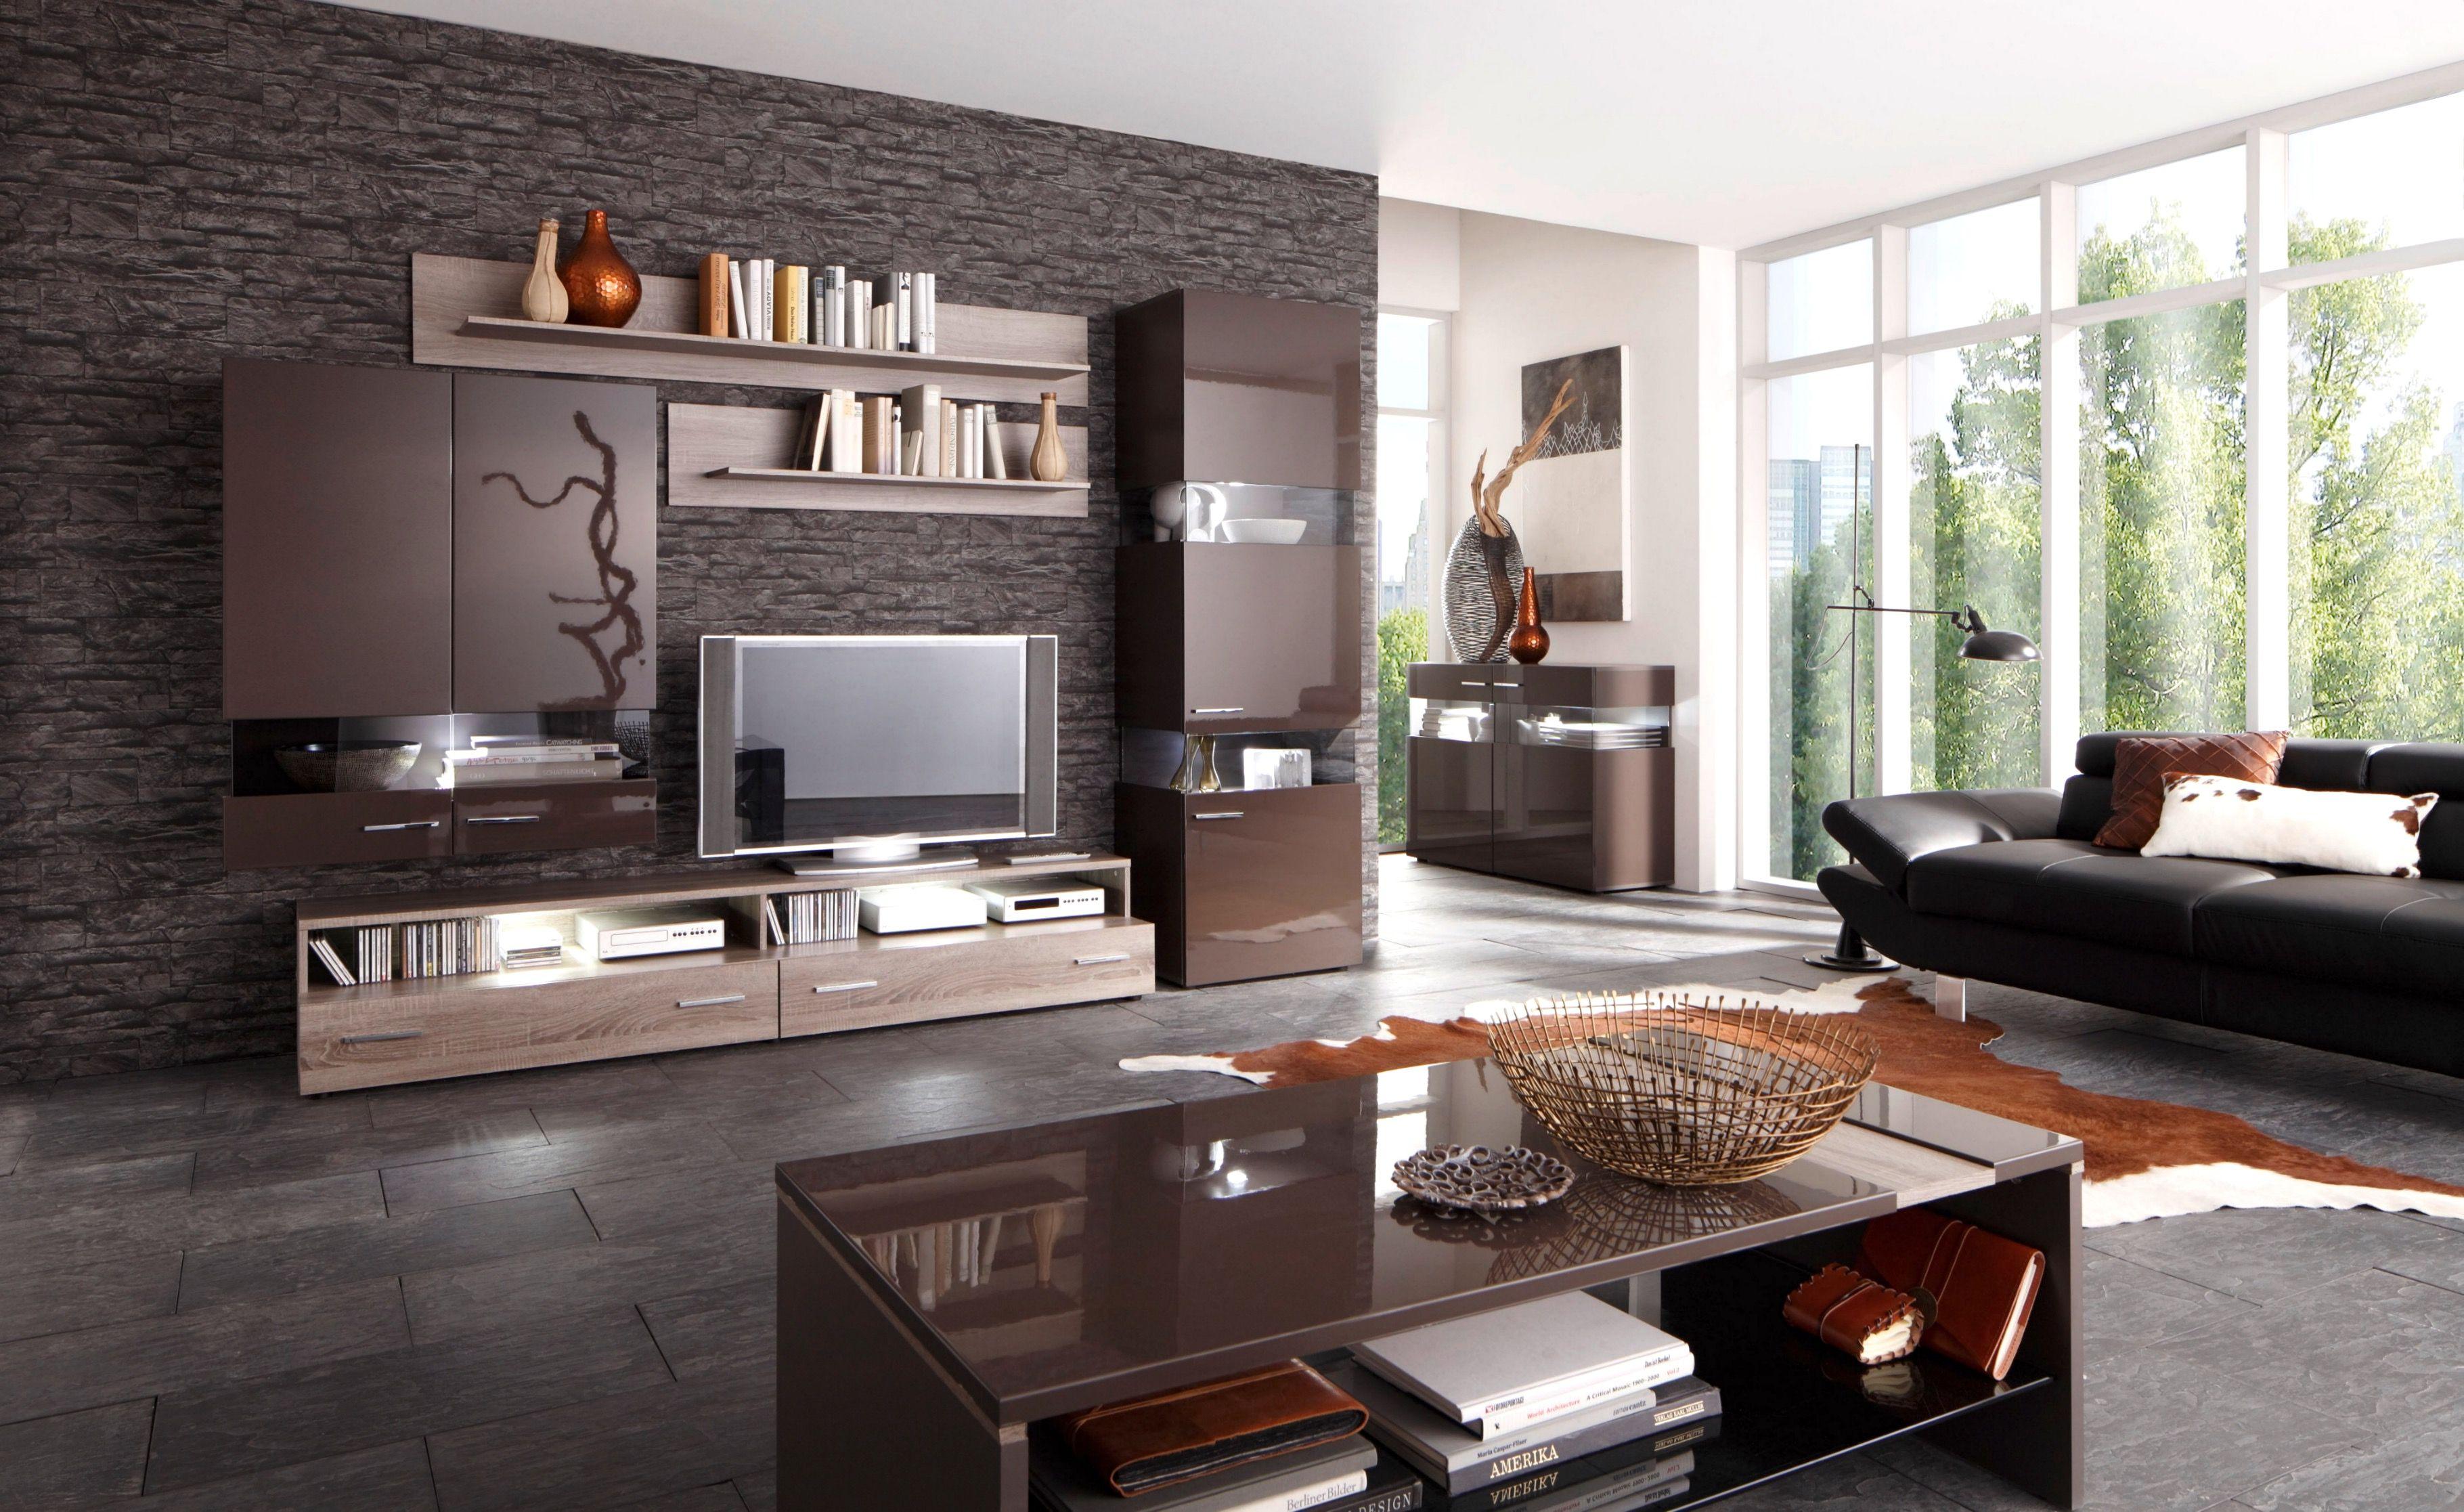 amerikanische wohnzimmer einrichten, wohnzimmer kreativ einrichten | pinterest, Design ideen